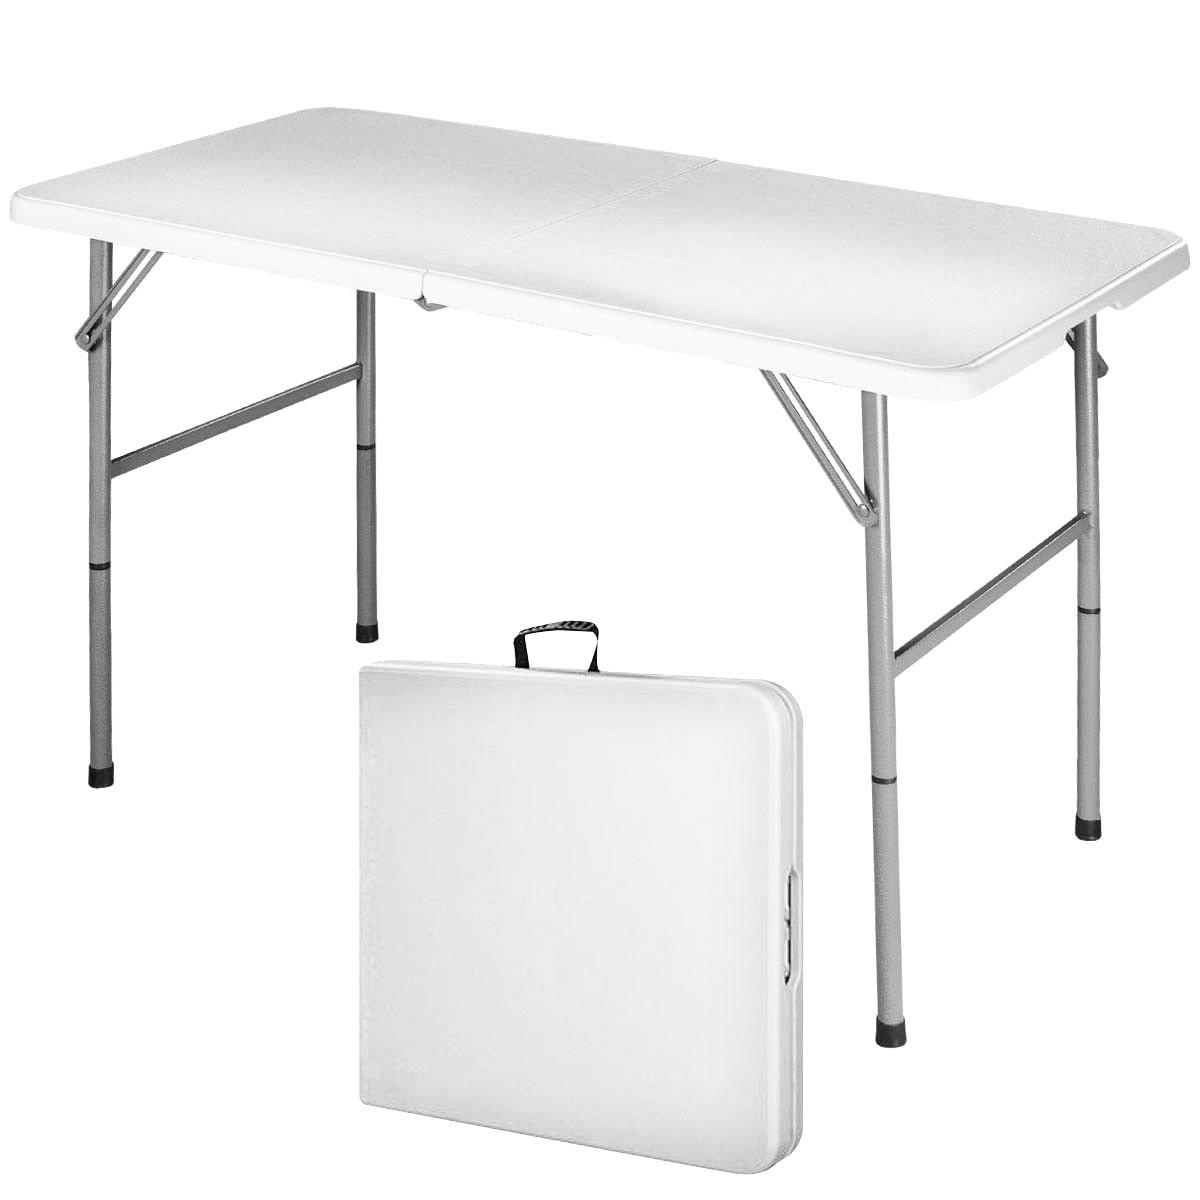 COSTWAY Klapptisch Campingtisch Falttisch Gartentisch Koffertisch Biertisch  Esstisch Balkontisch Tisch Klappbar (S): Amazon.de: Küche U0026 Haushalt